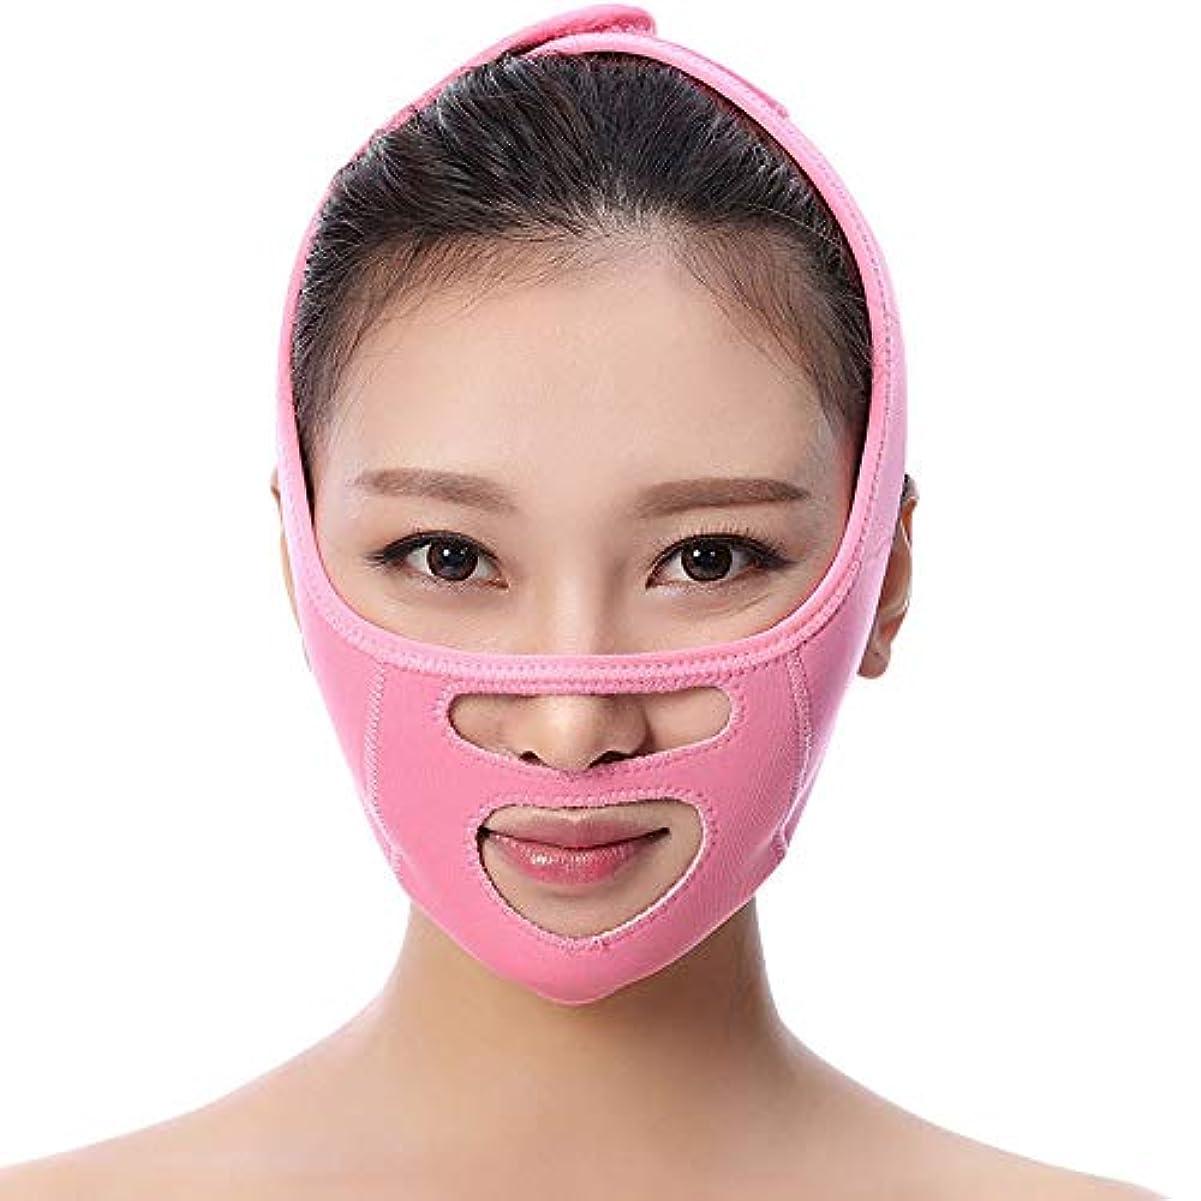 きょうだい変化する鬼ごっこフェイスリフトマスク、薄型フェイスベルトを眠らせる/フェイスフェイスリフトアーチファクト(ブルー/ピンク)を令状にするために美容フェイスリフト包帯を強化,Pink